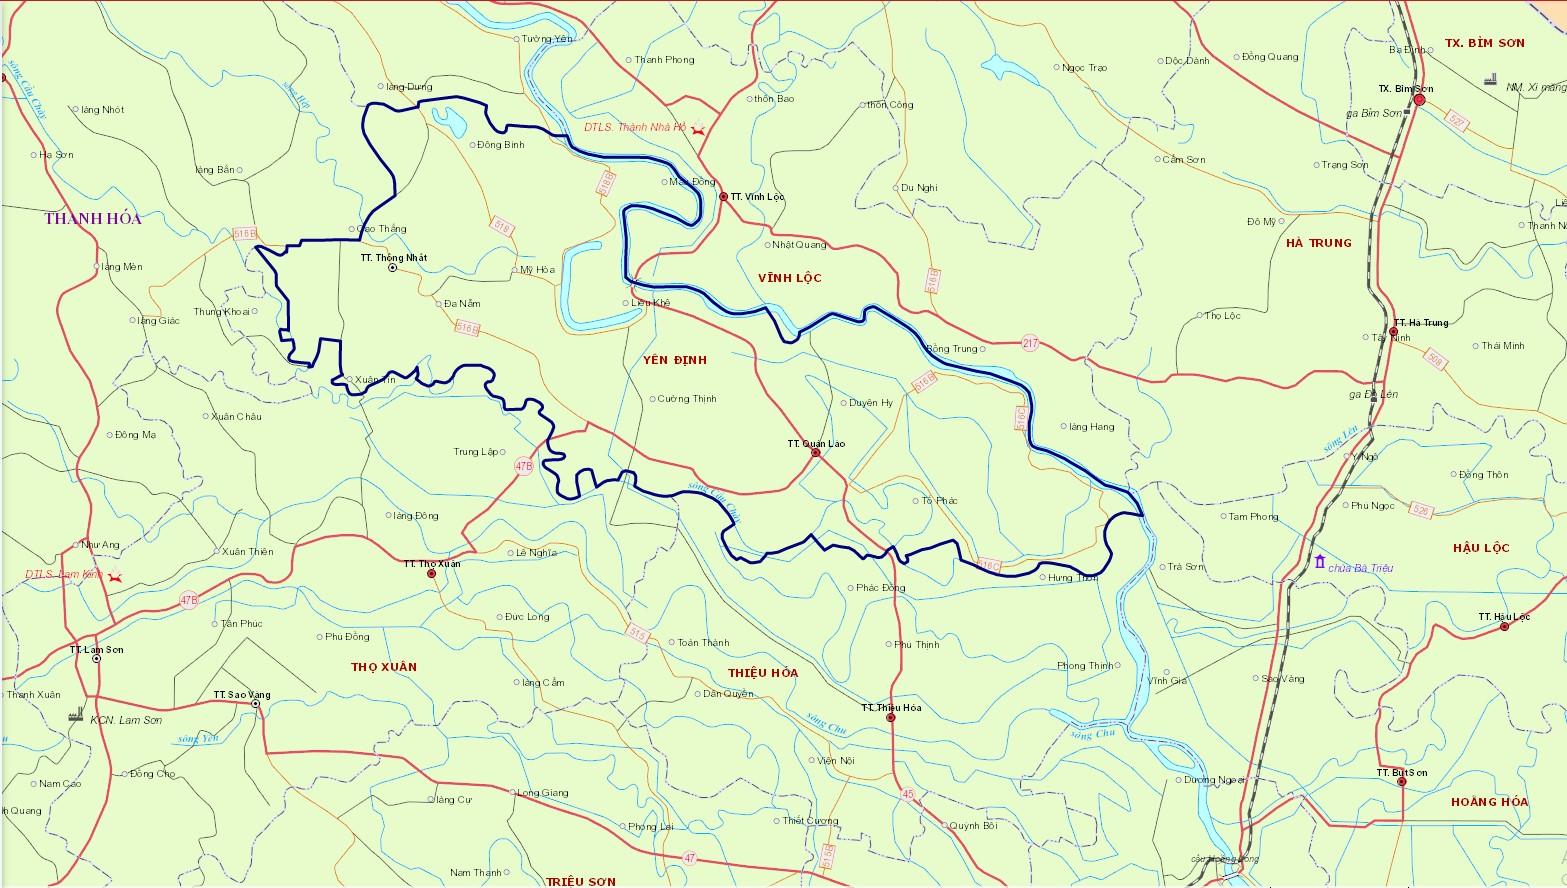 Bản đồ hành chính huyện Yên Định